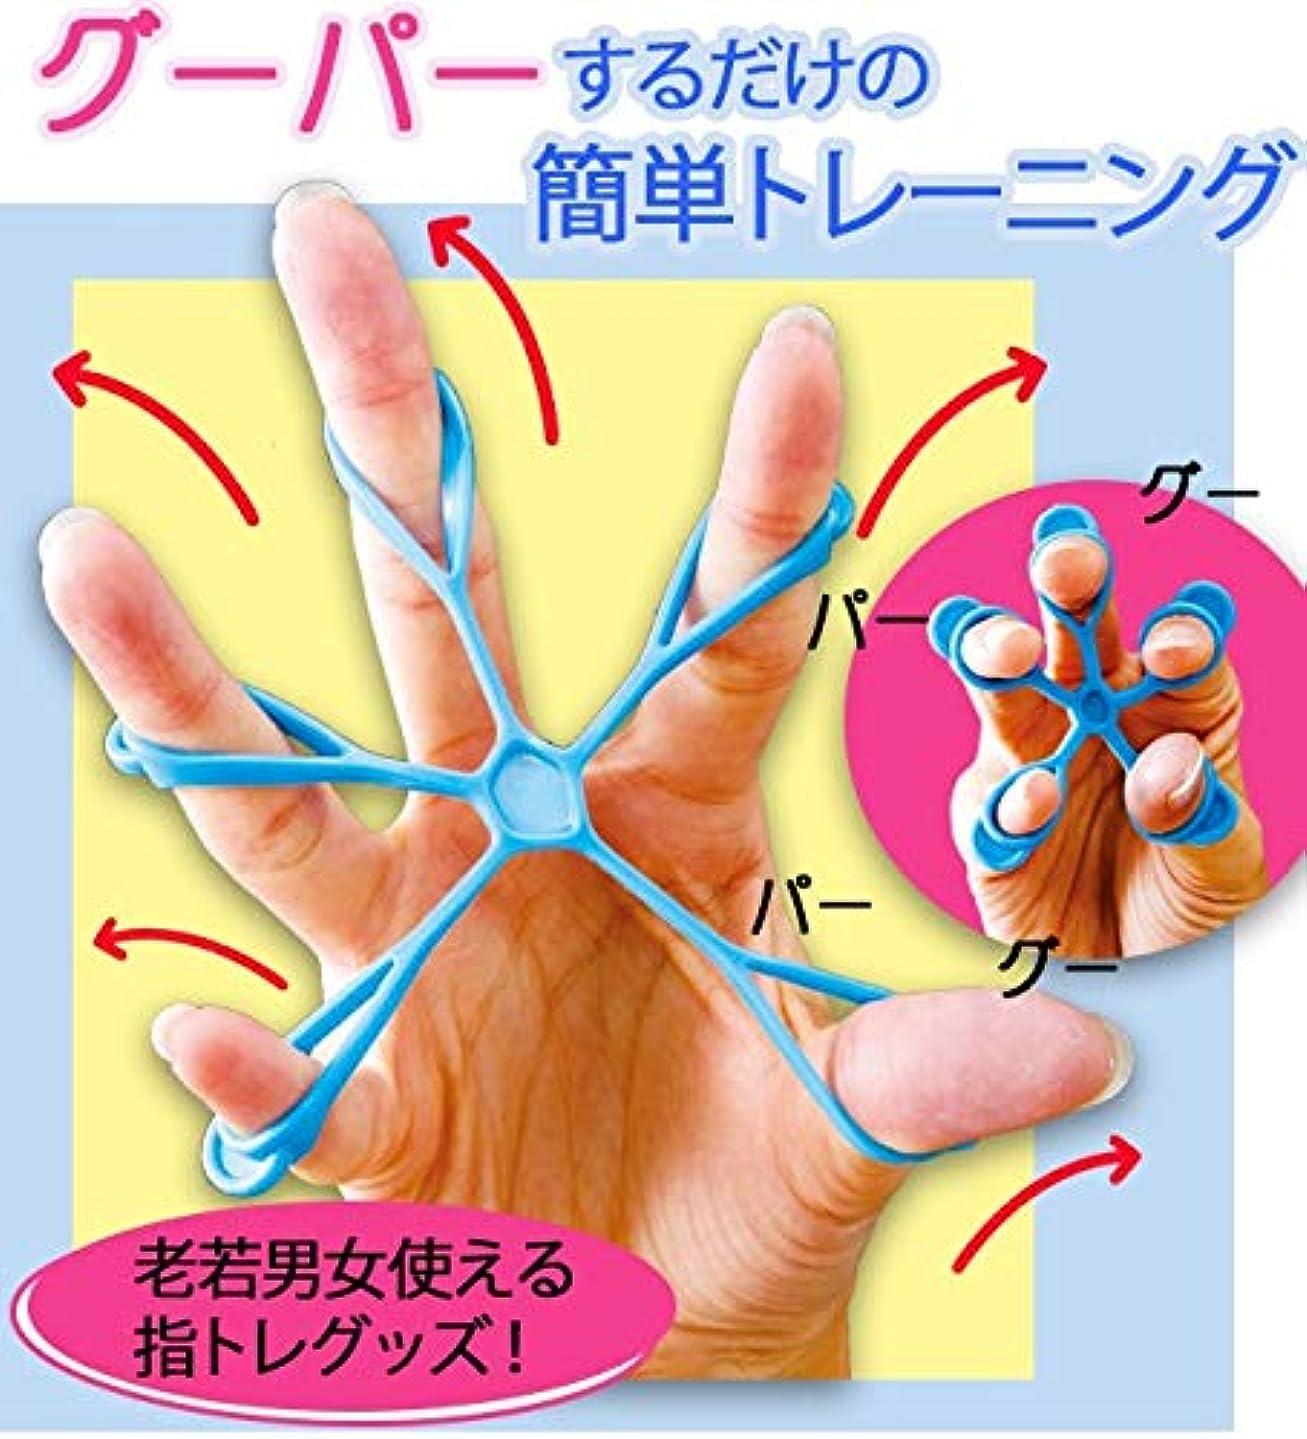 あなたのもの修理可能広大な指のエクササイズII